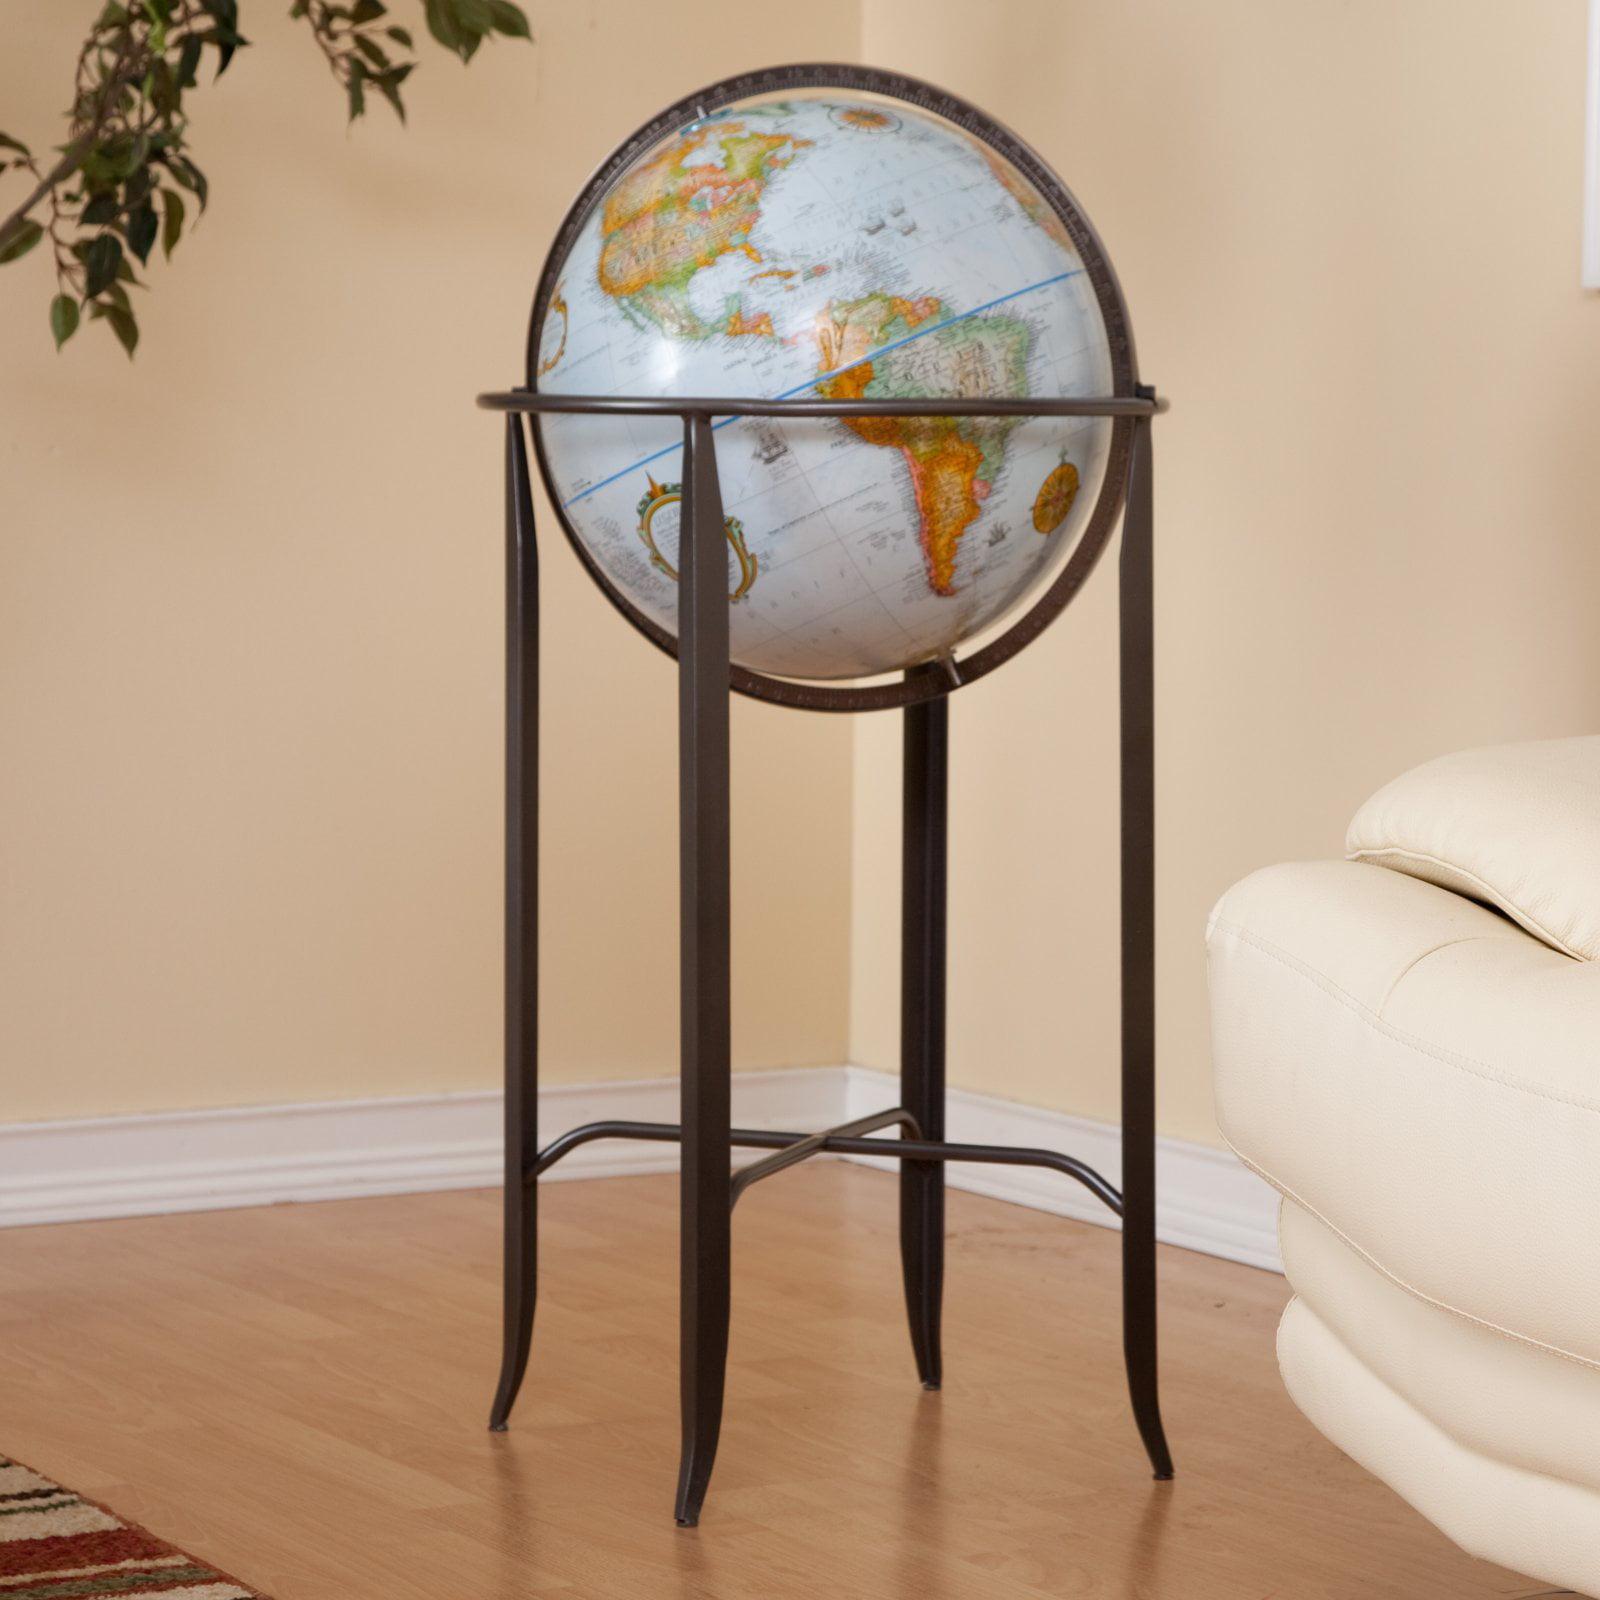 Replogle Trafalgar 16-inch Diam. Floor Globe